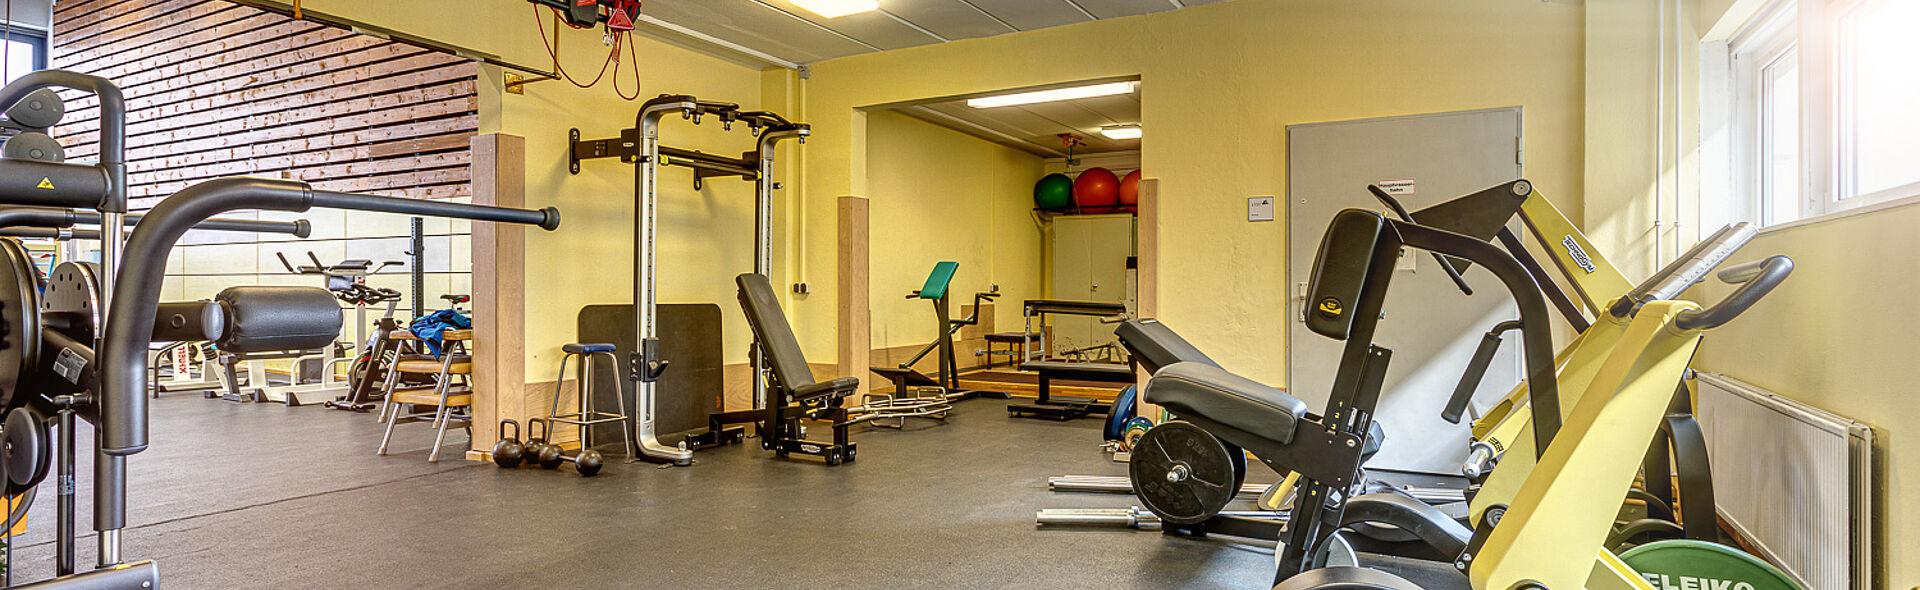 Bundesstützpunkt Oberwiesenthal Sportkomplex Krafthalle Trainingszentrum